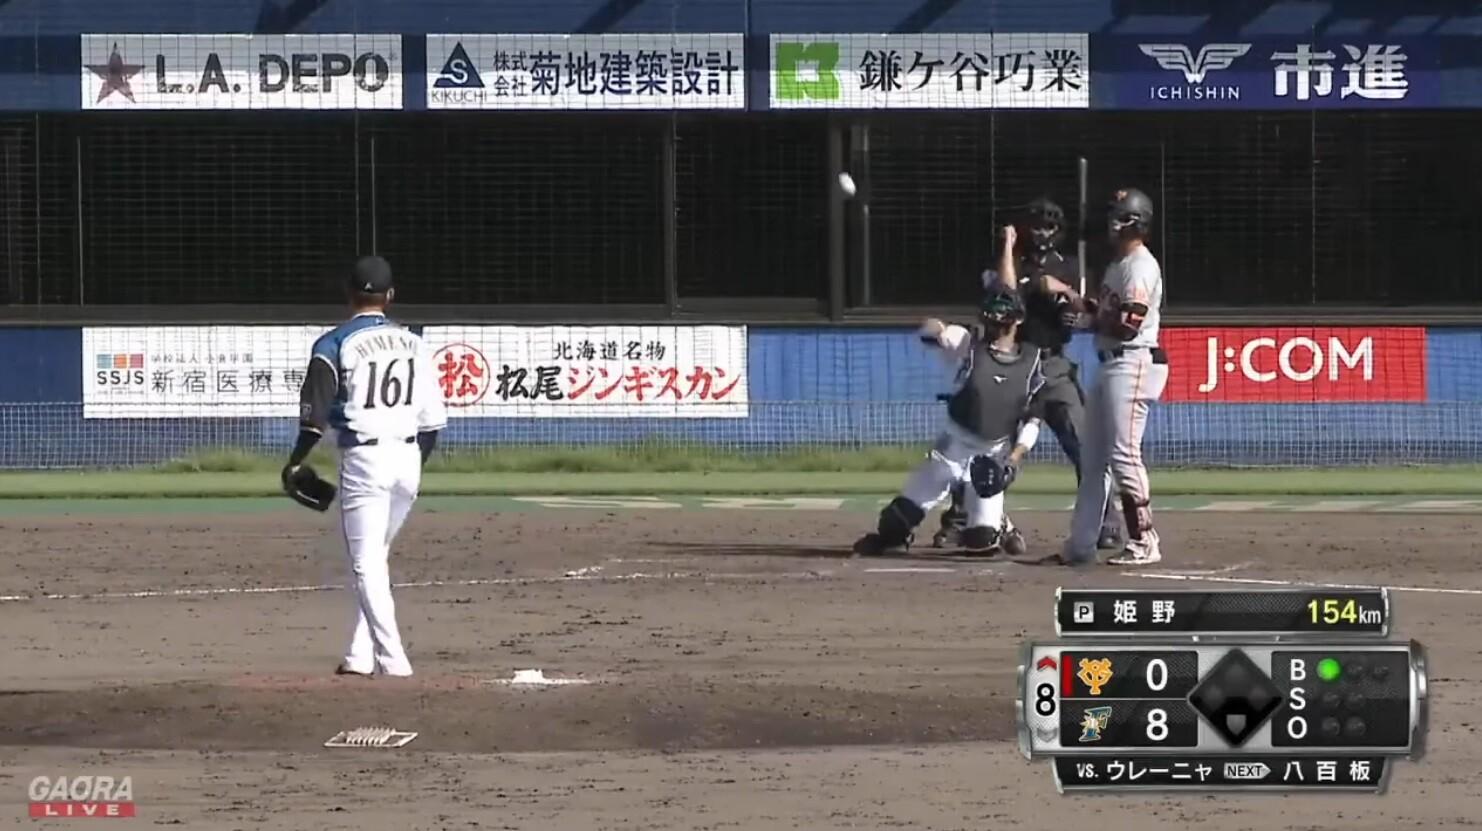 日ハム・姫野、投手転向3ヶ月で最速154キロの衝撃デビュー!